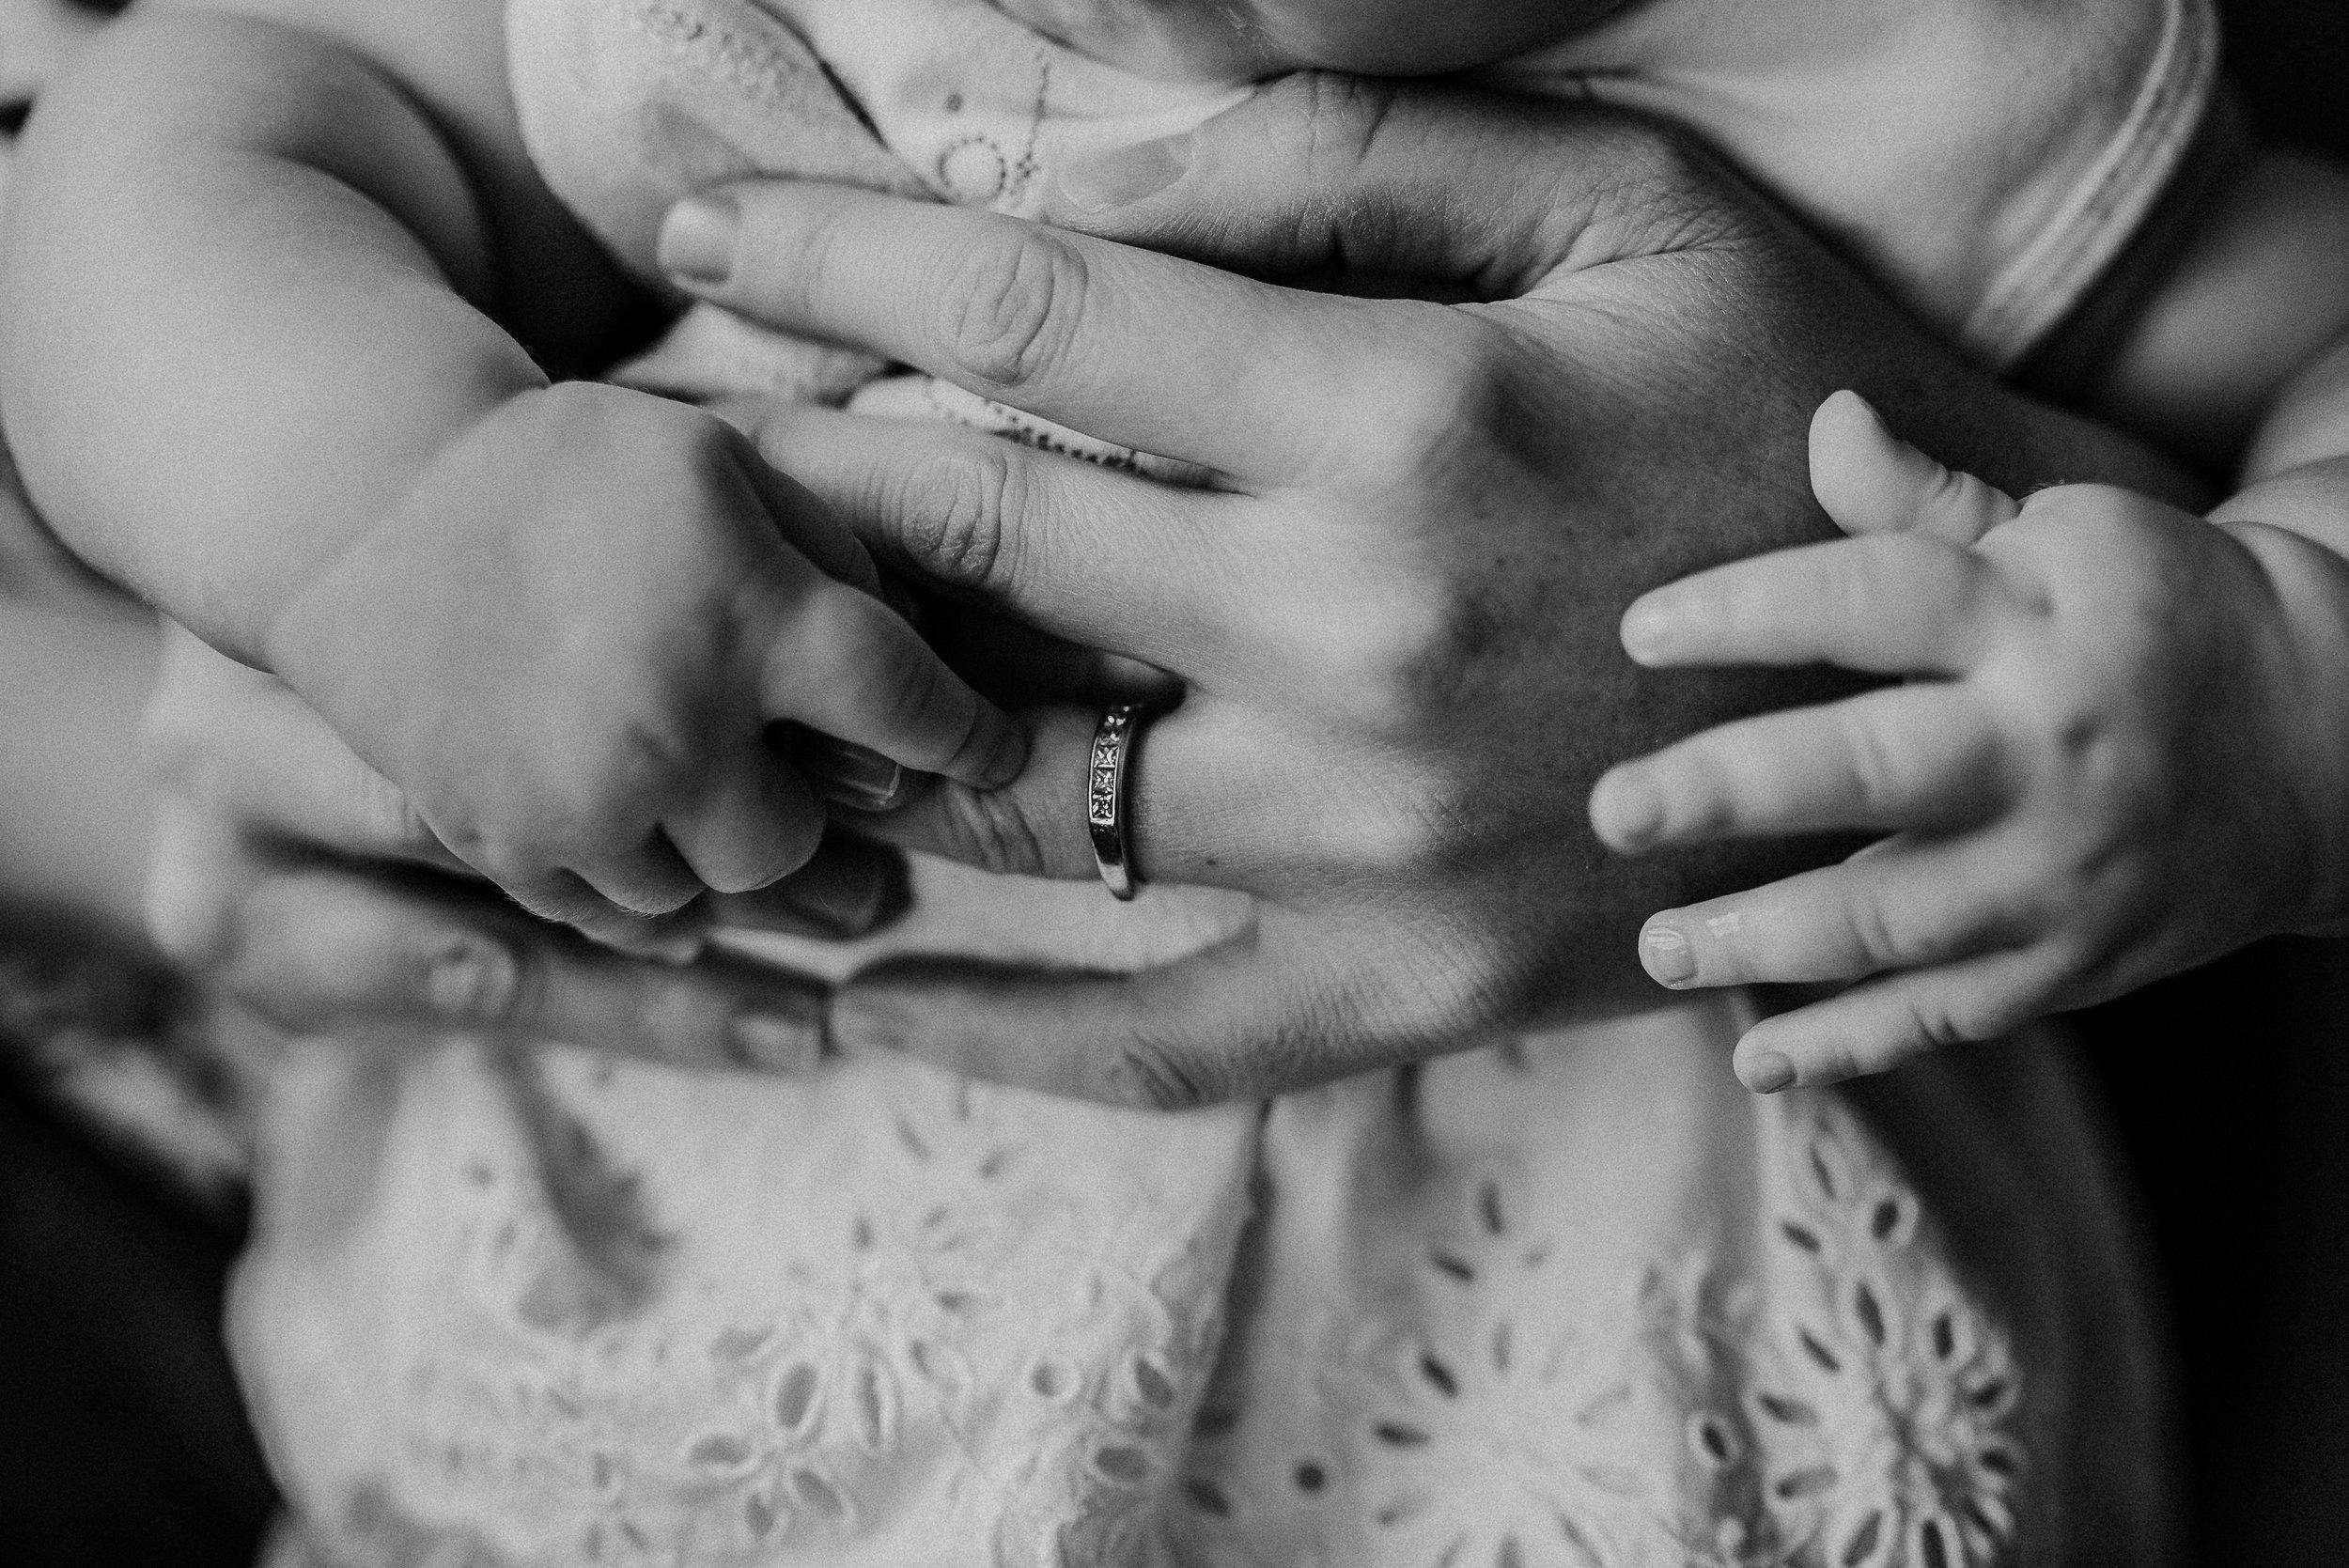 Saudi baby portraits, Saudi Arabia baby photographer, Saudi Arabia newborn baby photographer, Bahrain baby photographer,